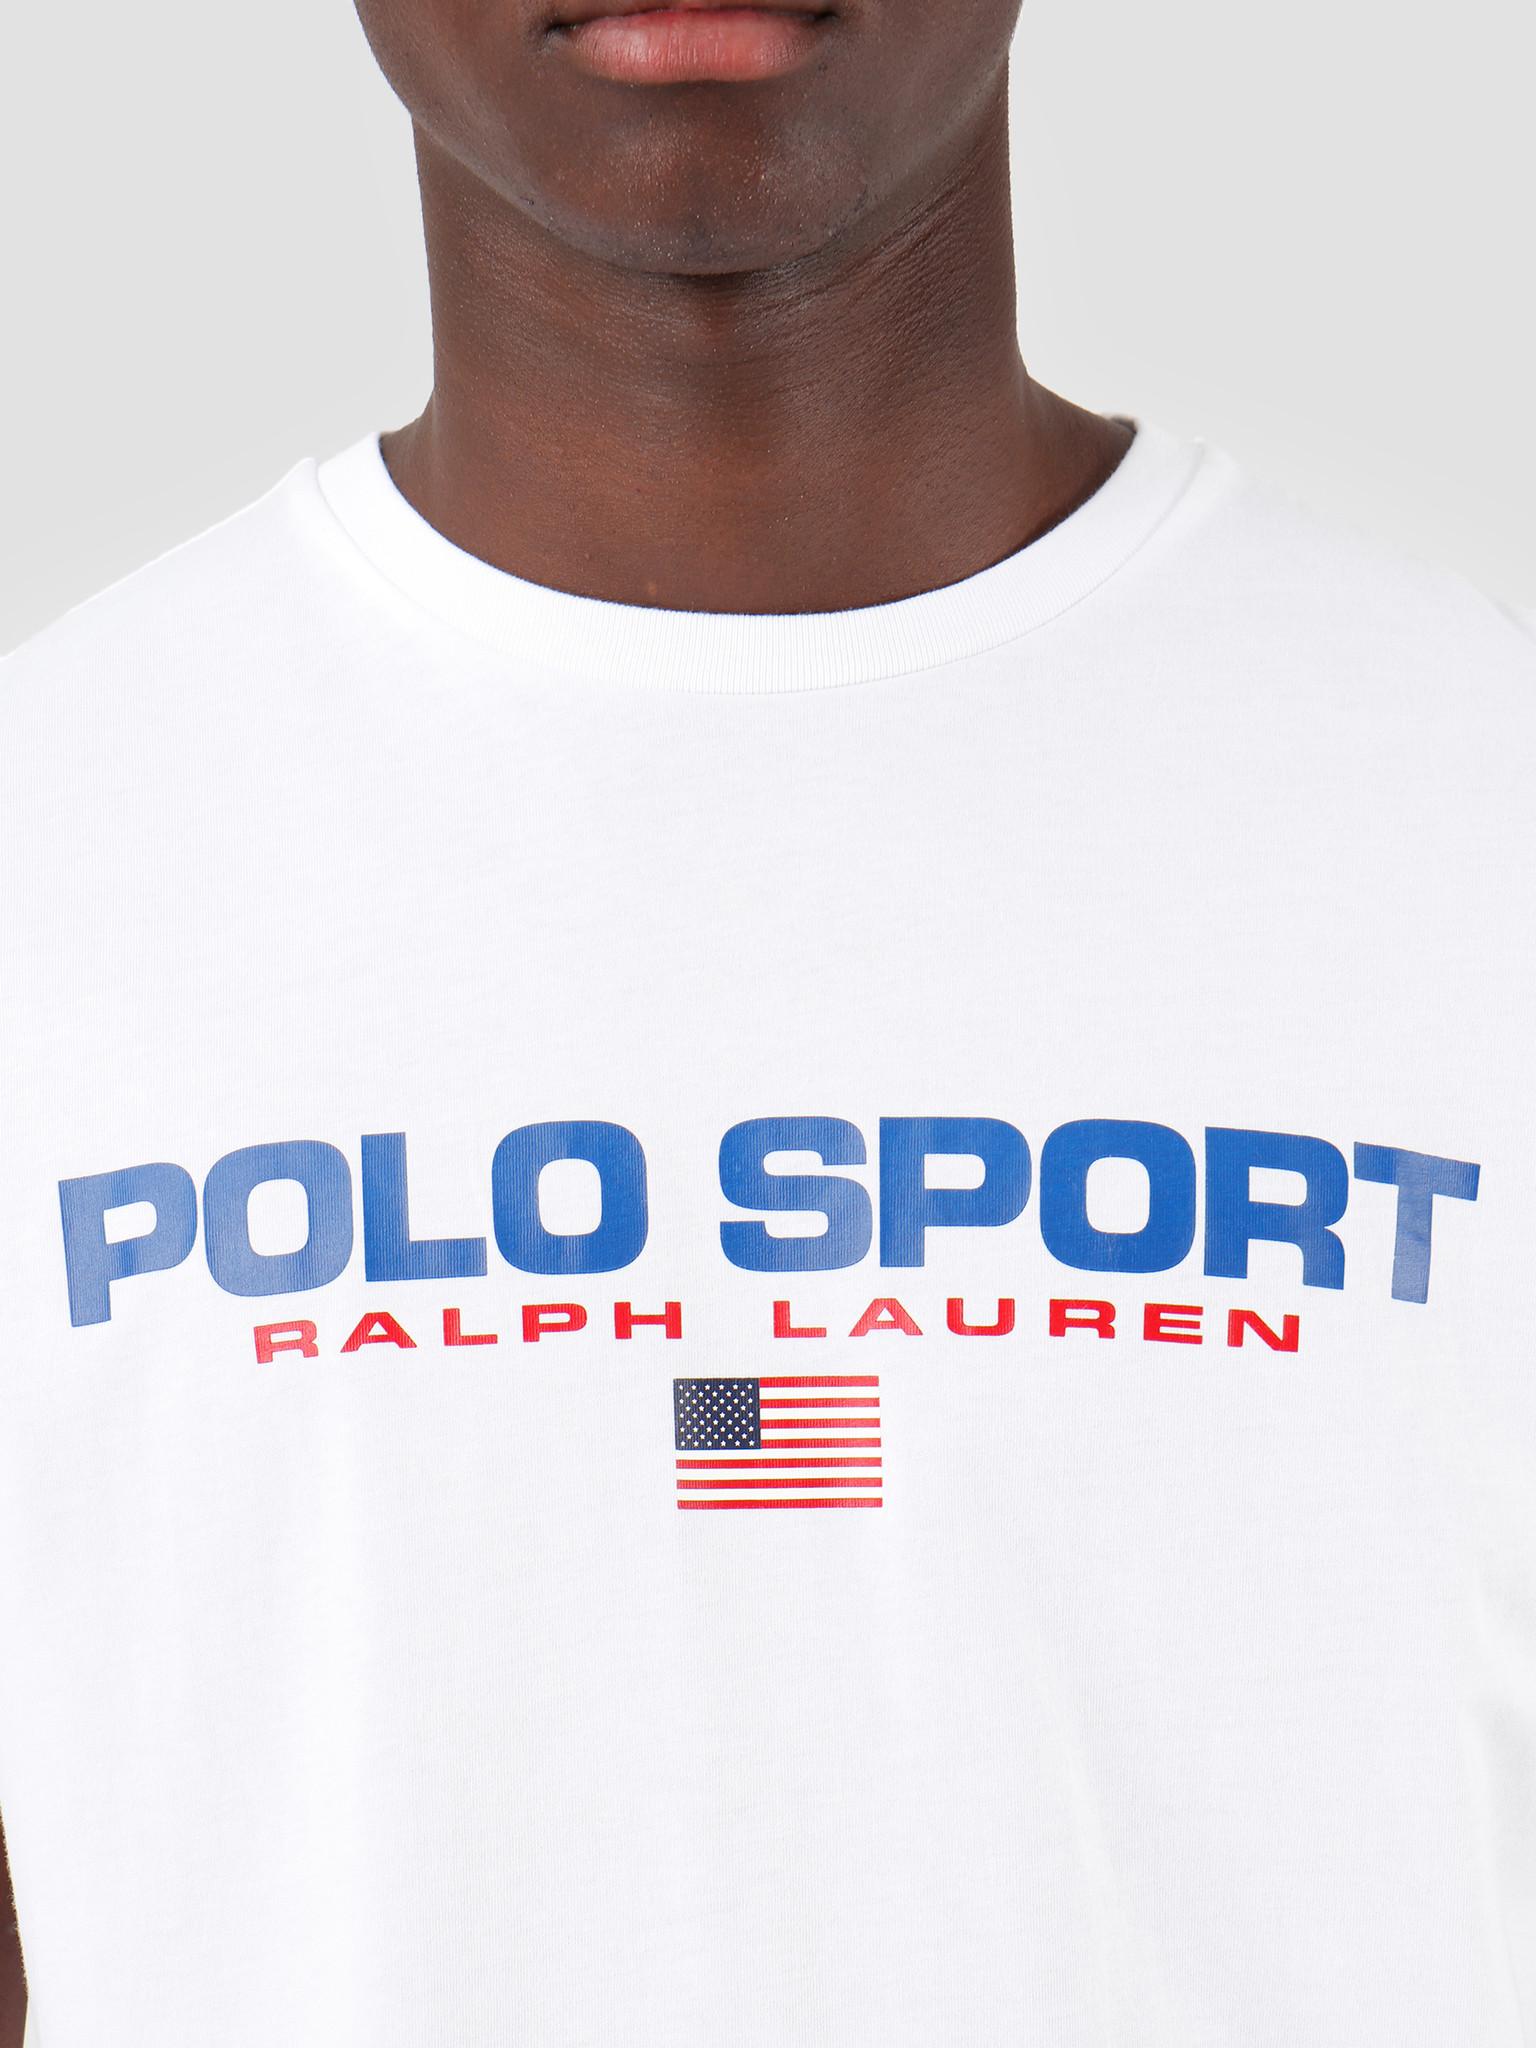 Polo Ralph Lauren Ralph Lauren 26 1 Jersey Shortsleeve T-Shirt White 710750444002